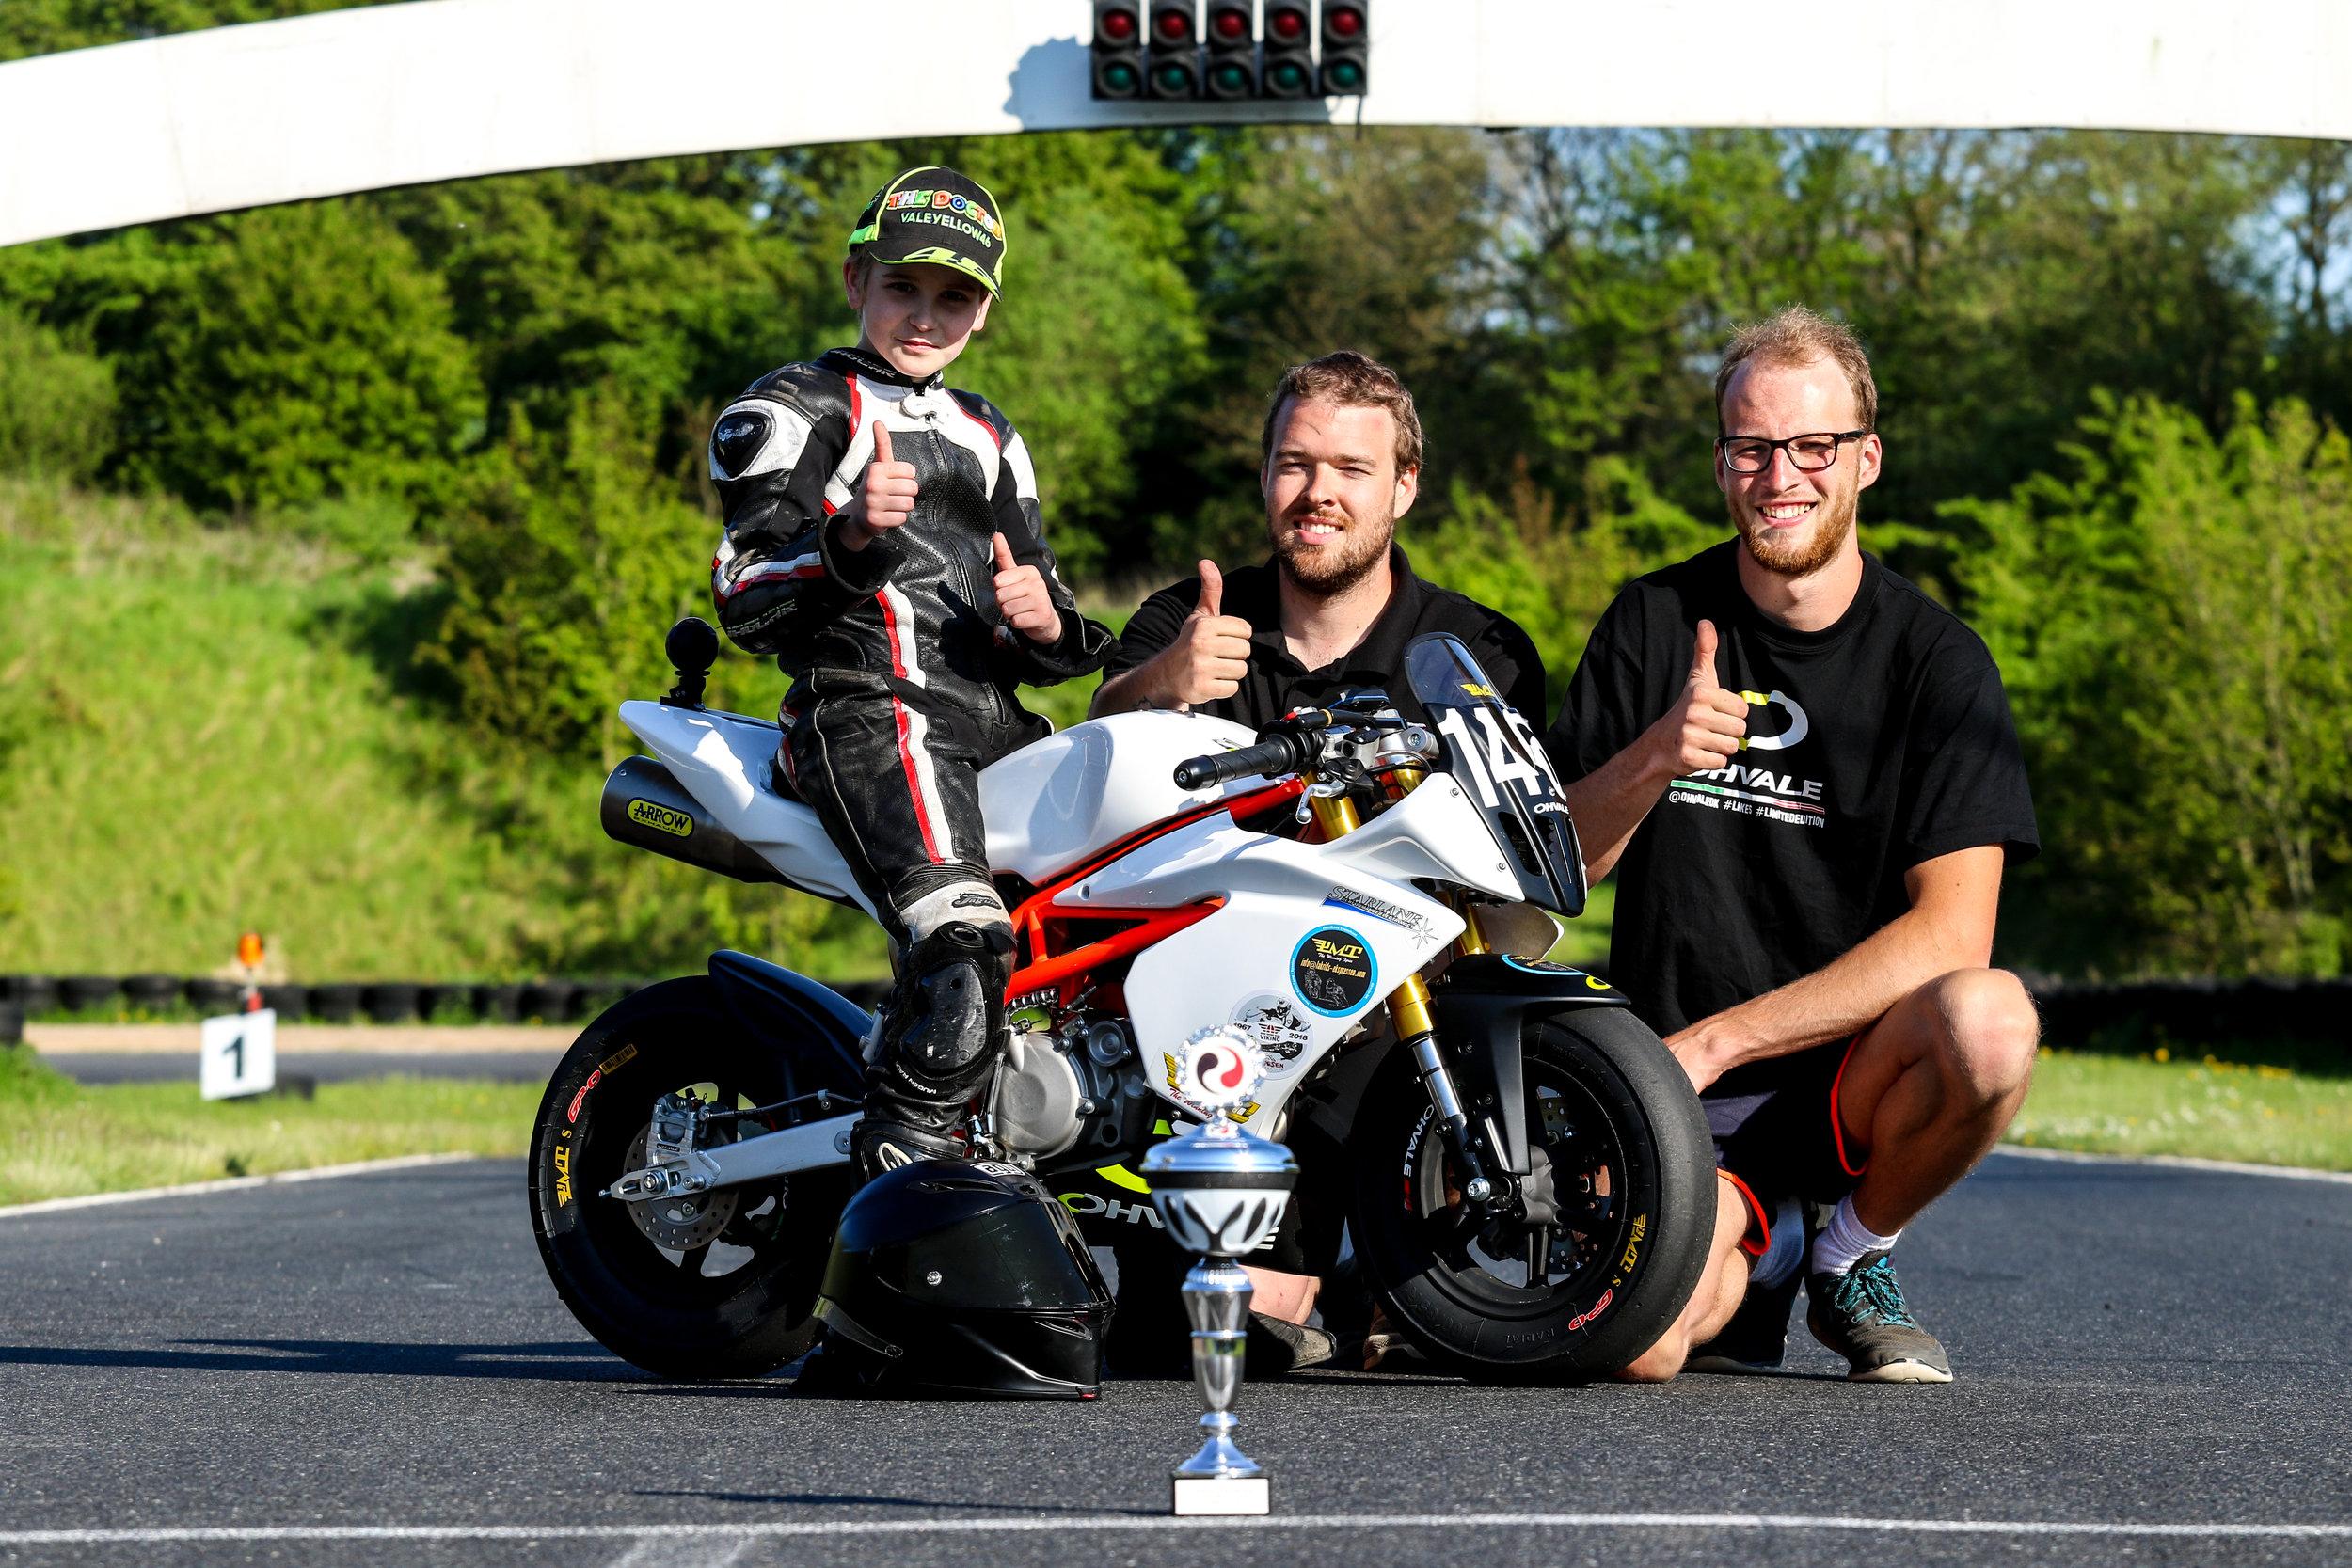 Ty Henriksen på 11 år har vist gode takter, og tilegnet sig dispensation til at deltage i 190cc. klassen sammen med nogle af landets dygtigste Road Racing kørere.